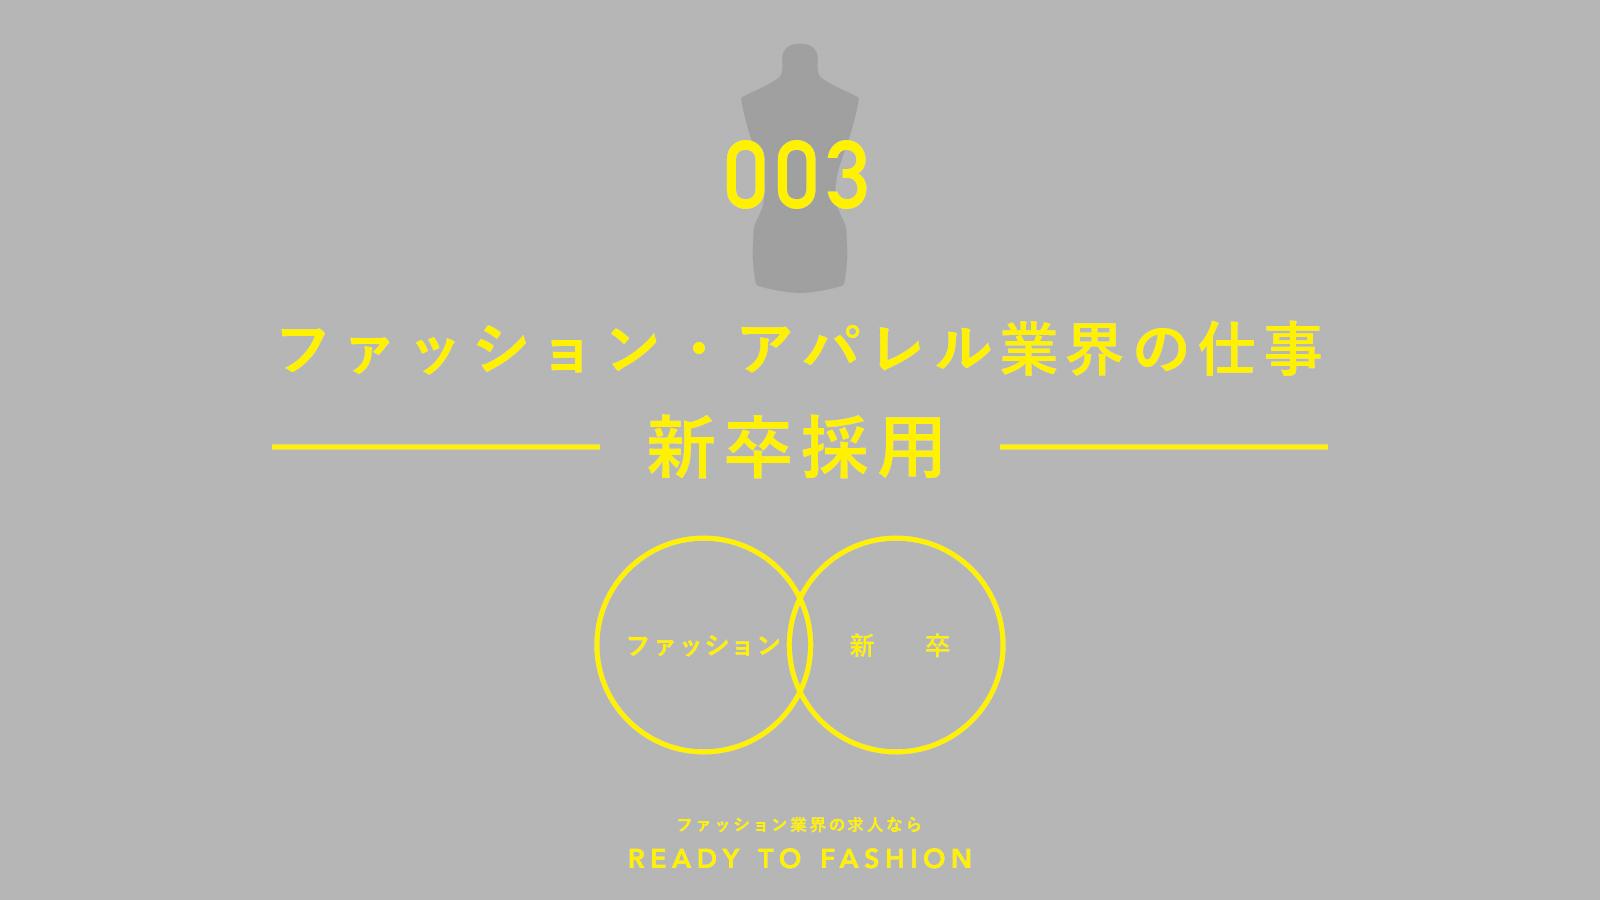 【連載】ファッション・アパレル業界の仕事|vol.3 新卒採用①